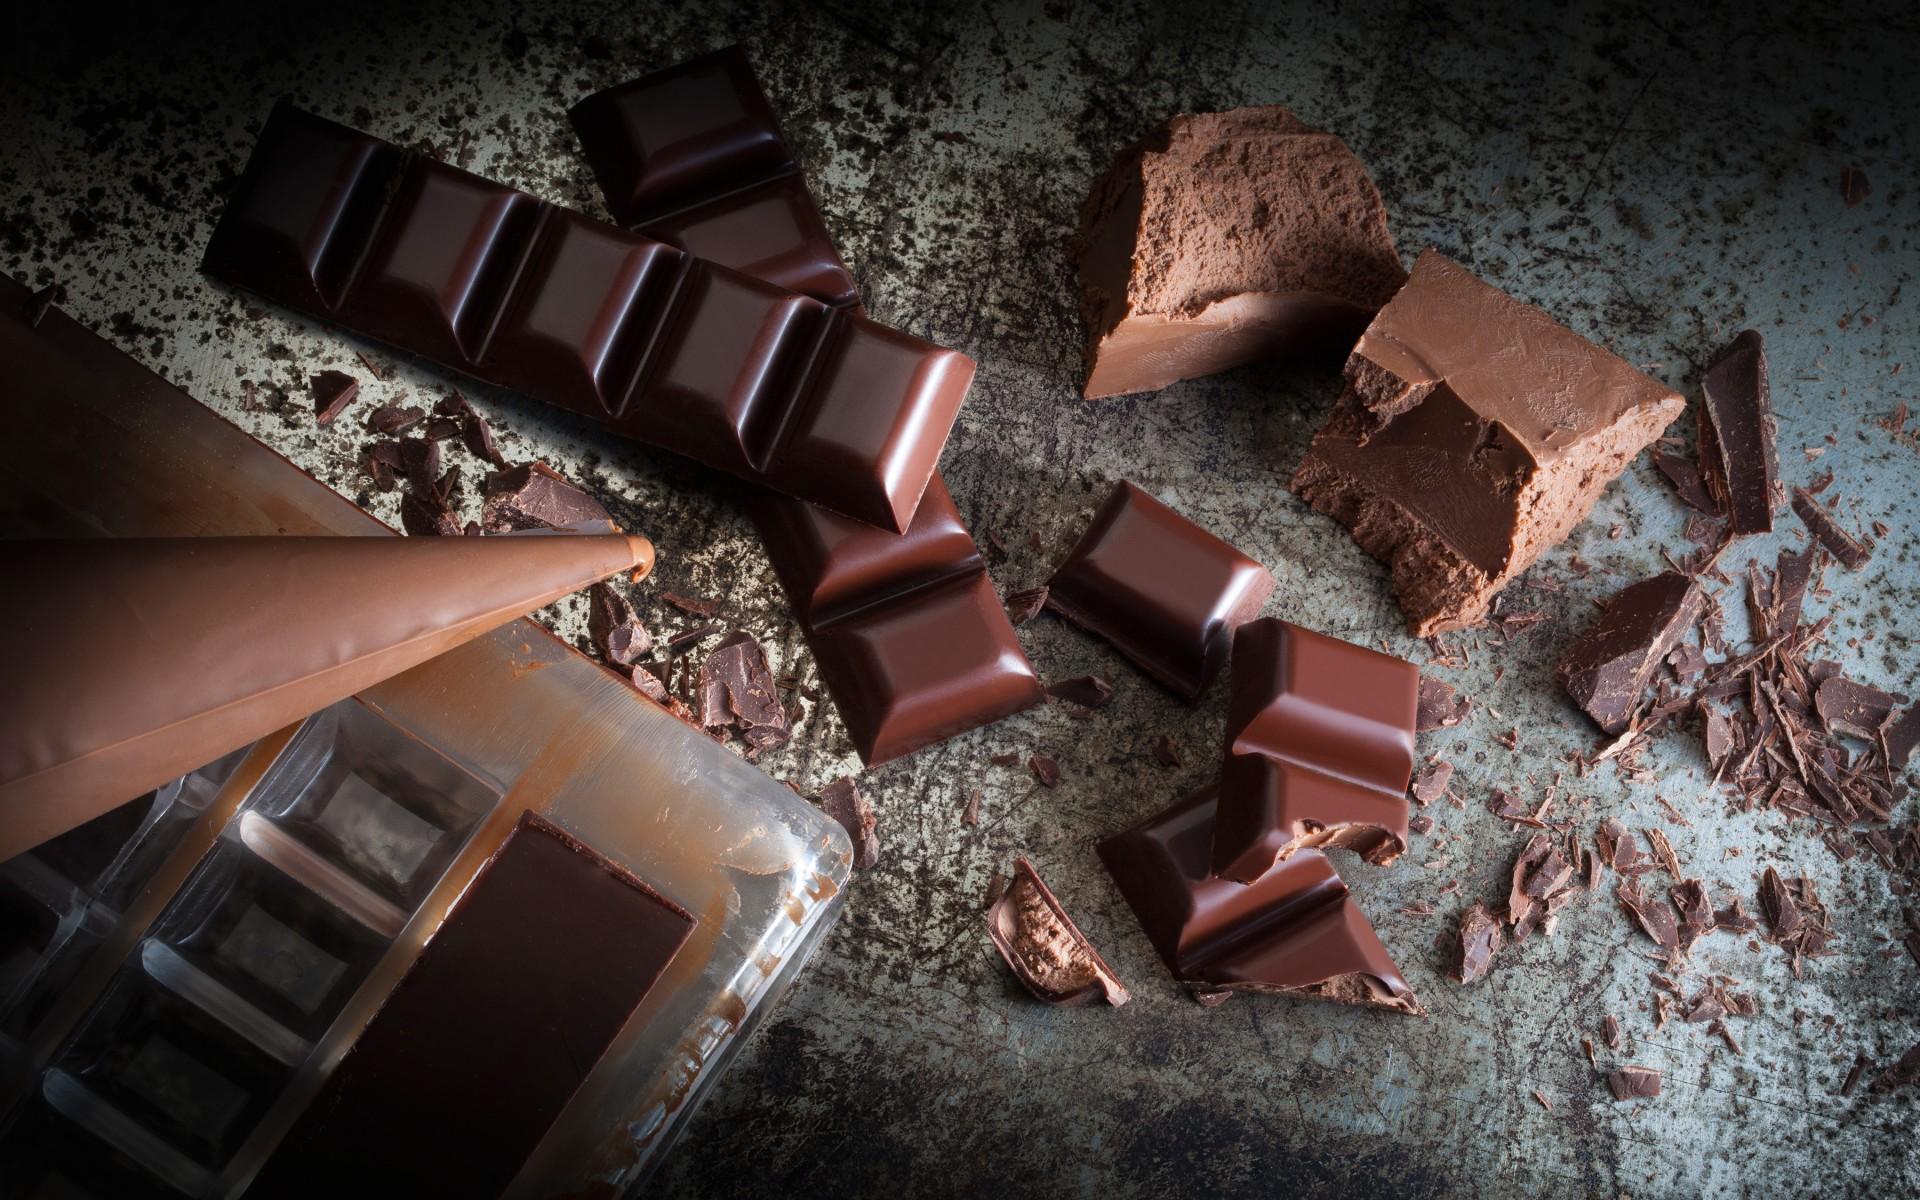 Введення в роботу з шоколадом.